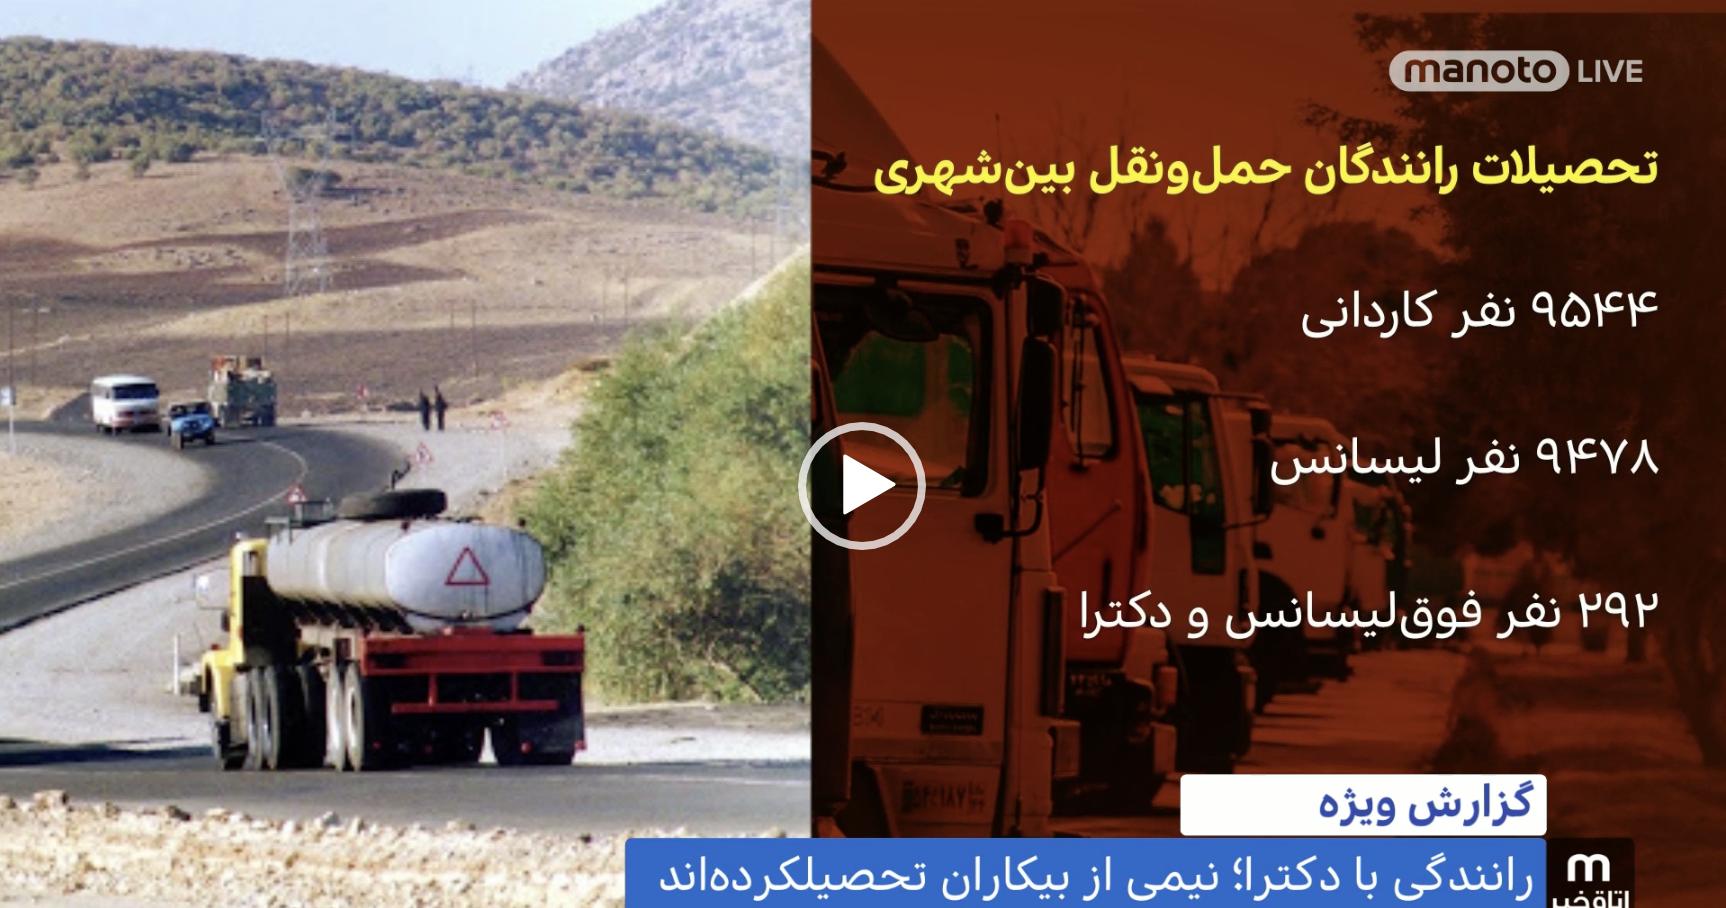 رانندگی با دکترا؛ جمعیت رانندگان دارای مدرک تحصیلی دانشگاهی در ایران